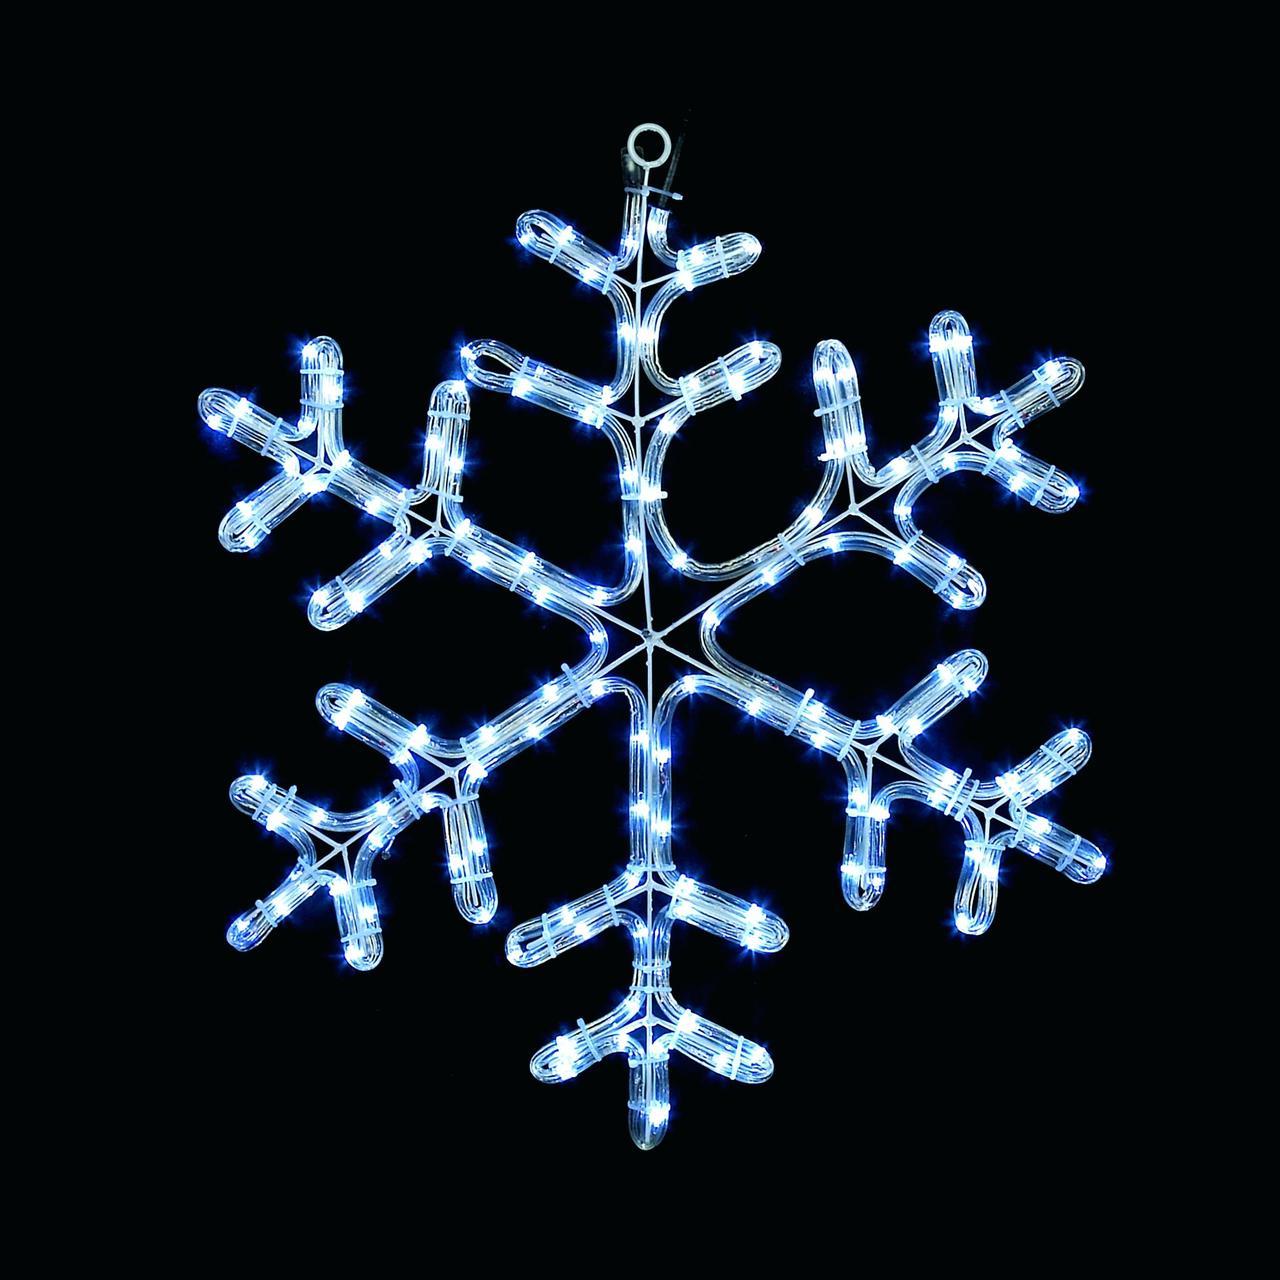 Светодиодное украшение Мотив Снежинка Lumion 60х60 см наружный цвет синий